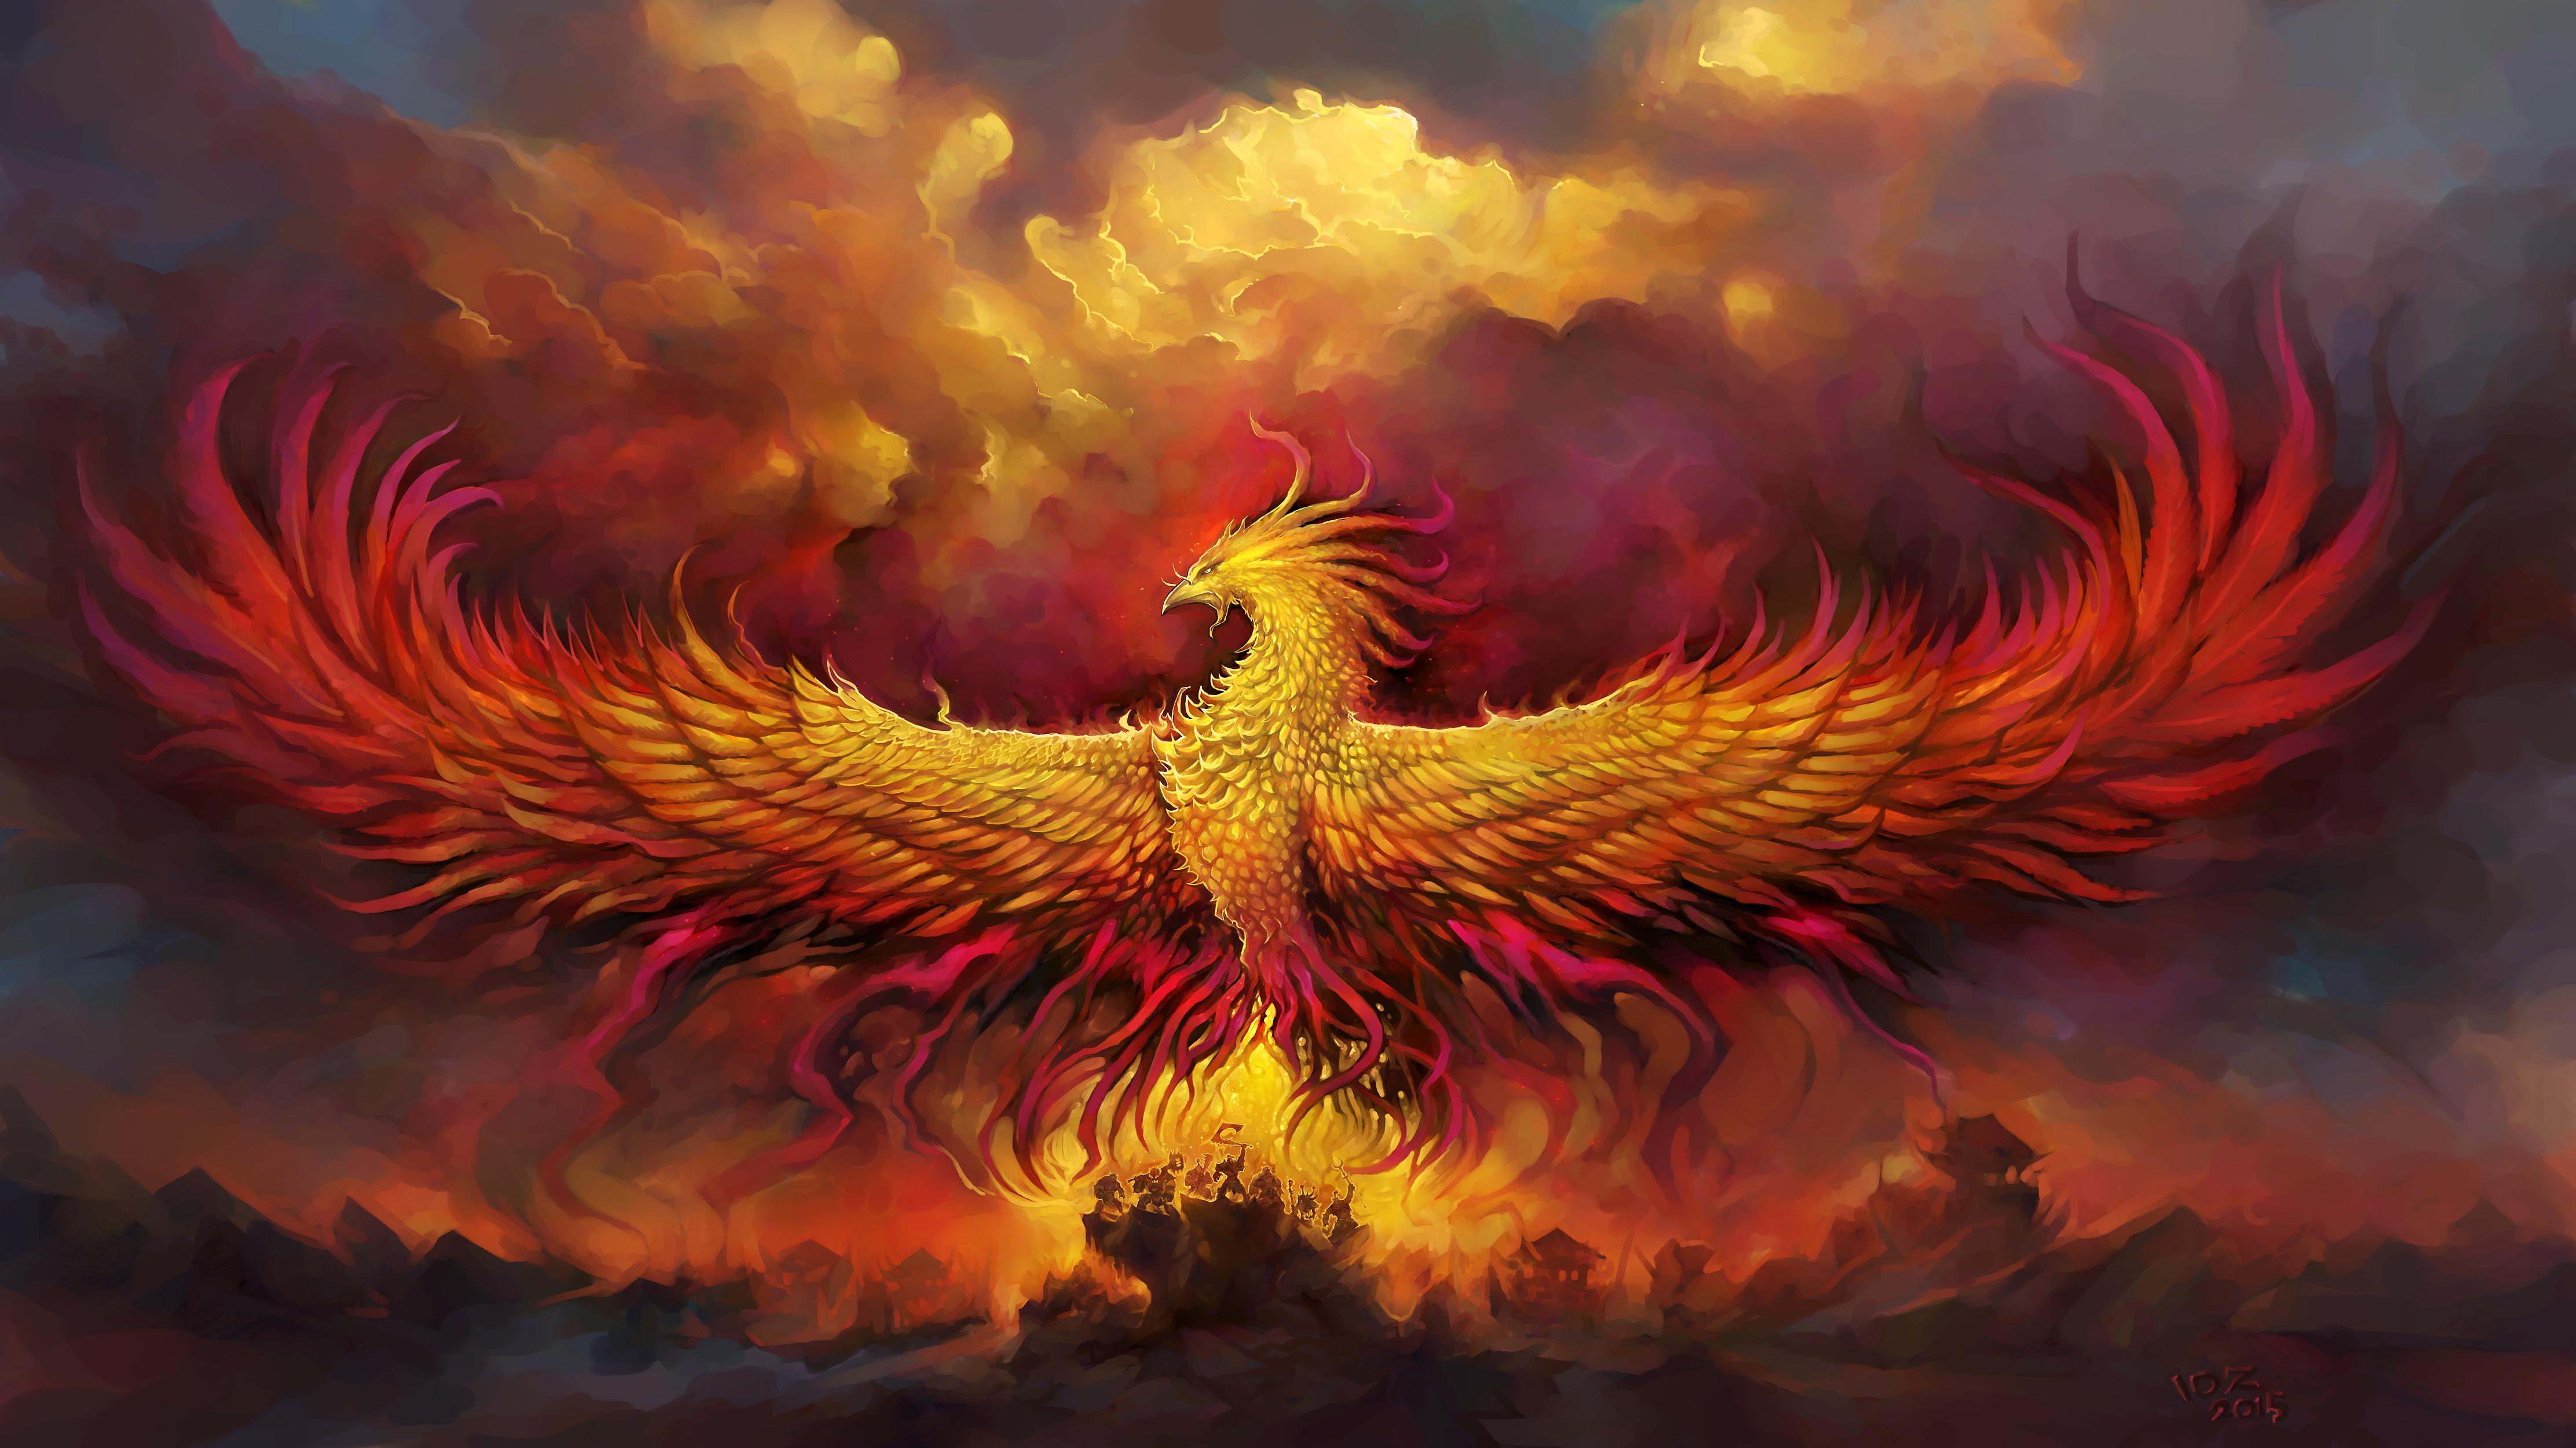 Fiery phoenix 4k ultra hd wallpaper background image 4447x2500 id 728538 wallpaper abyss - Fenix bird hd images ...